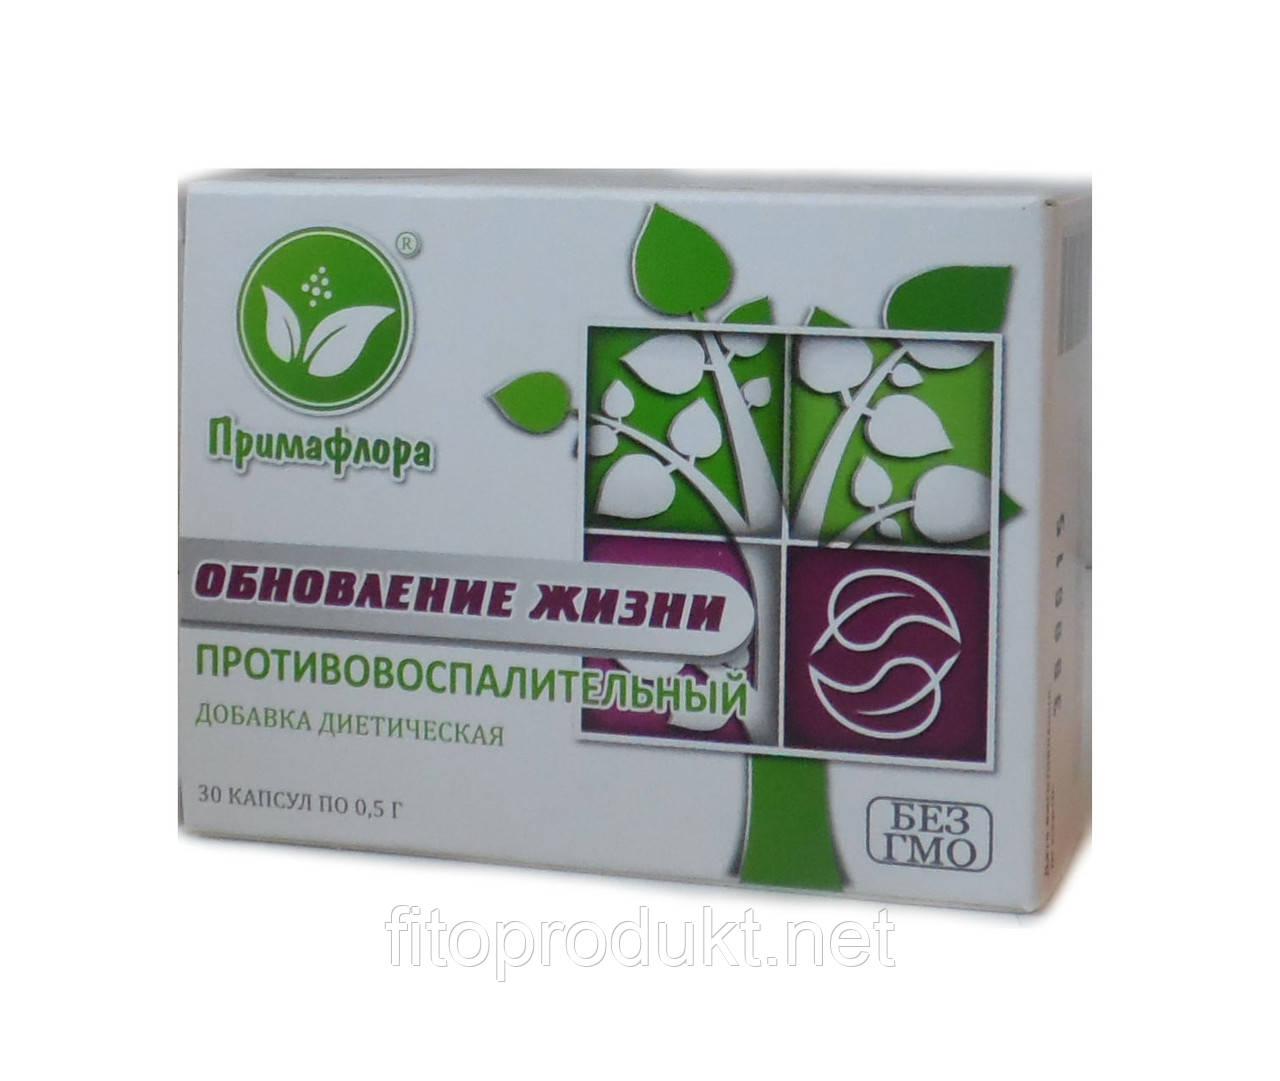 Обновление жизни противовоспалительный препарат №30 Примафлора